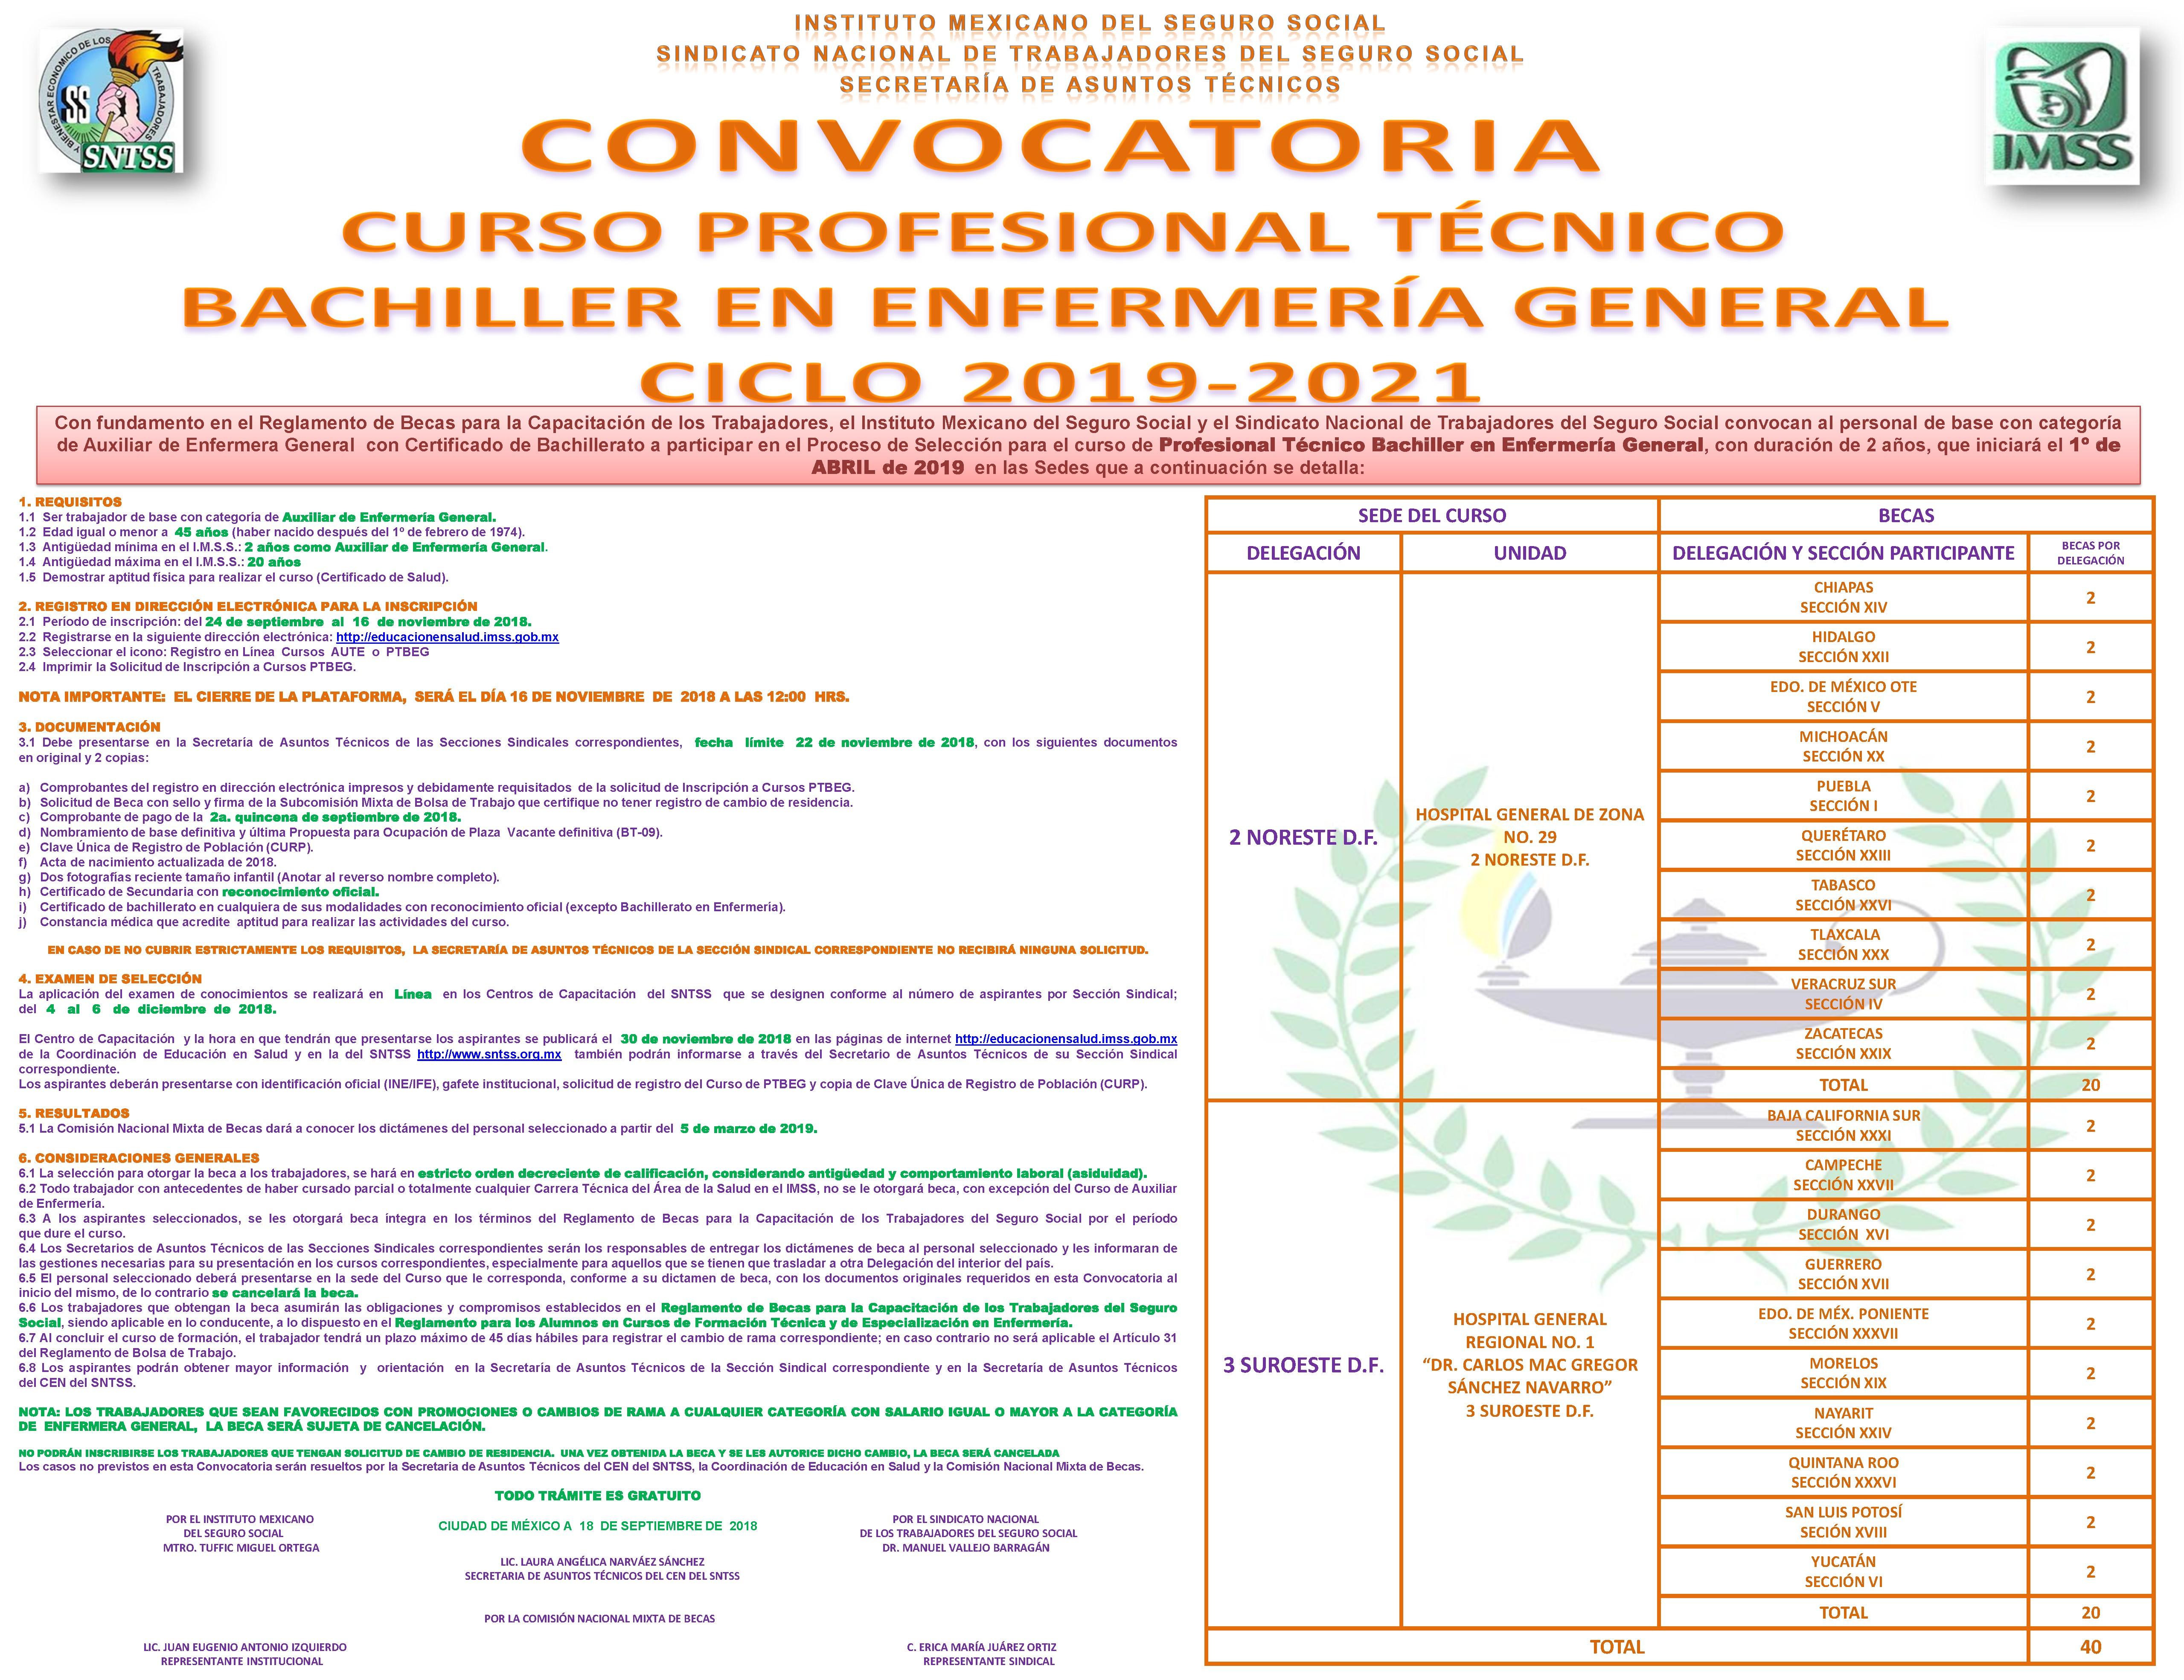 Calendario 2019 Con Festivos Mexico Más Reciente Sntss Secci³n Xxxiv Suroeste Del D F Of Calendario 2019 Con Festivos Mexico Más Recientes Grupo Erik Editores Amelie Calendario 2019 30 X 30 Cm Amazon